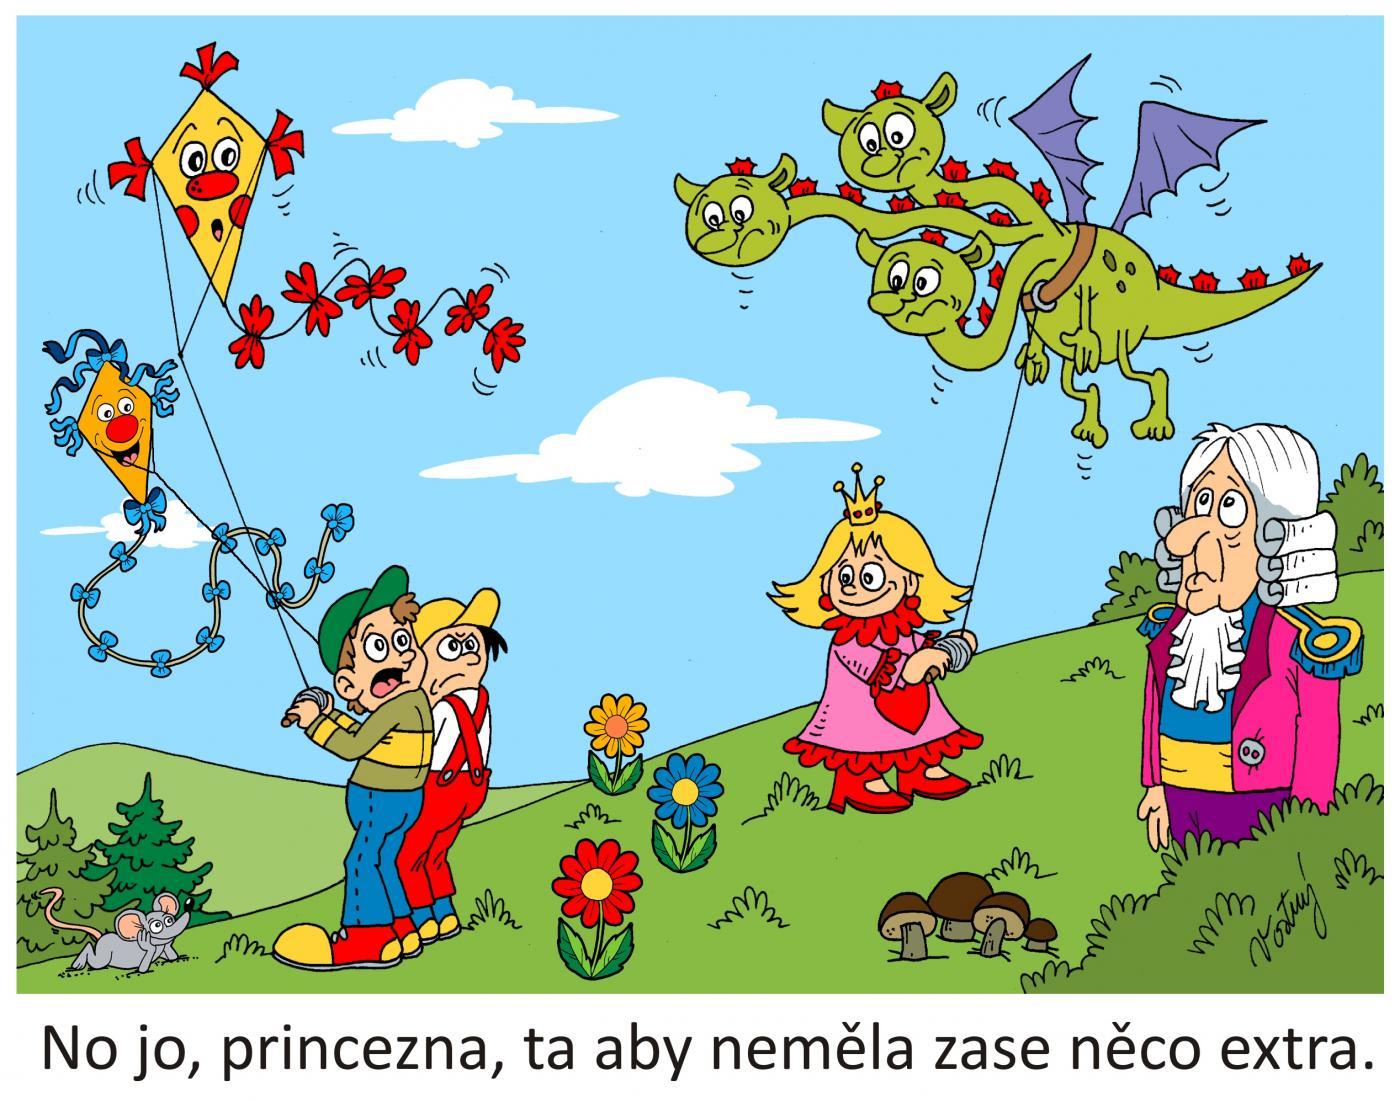 Kresleny Vtip Jako Zabava Pro Deti Mirek Vostry